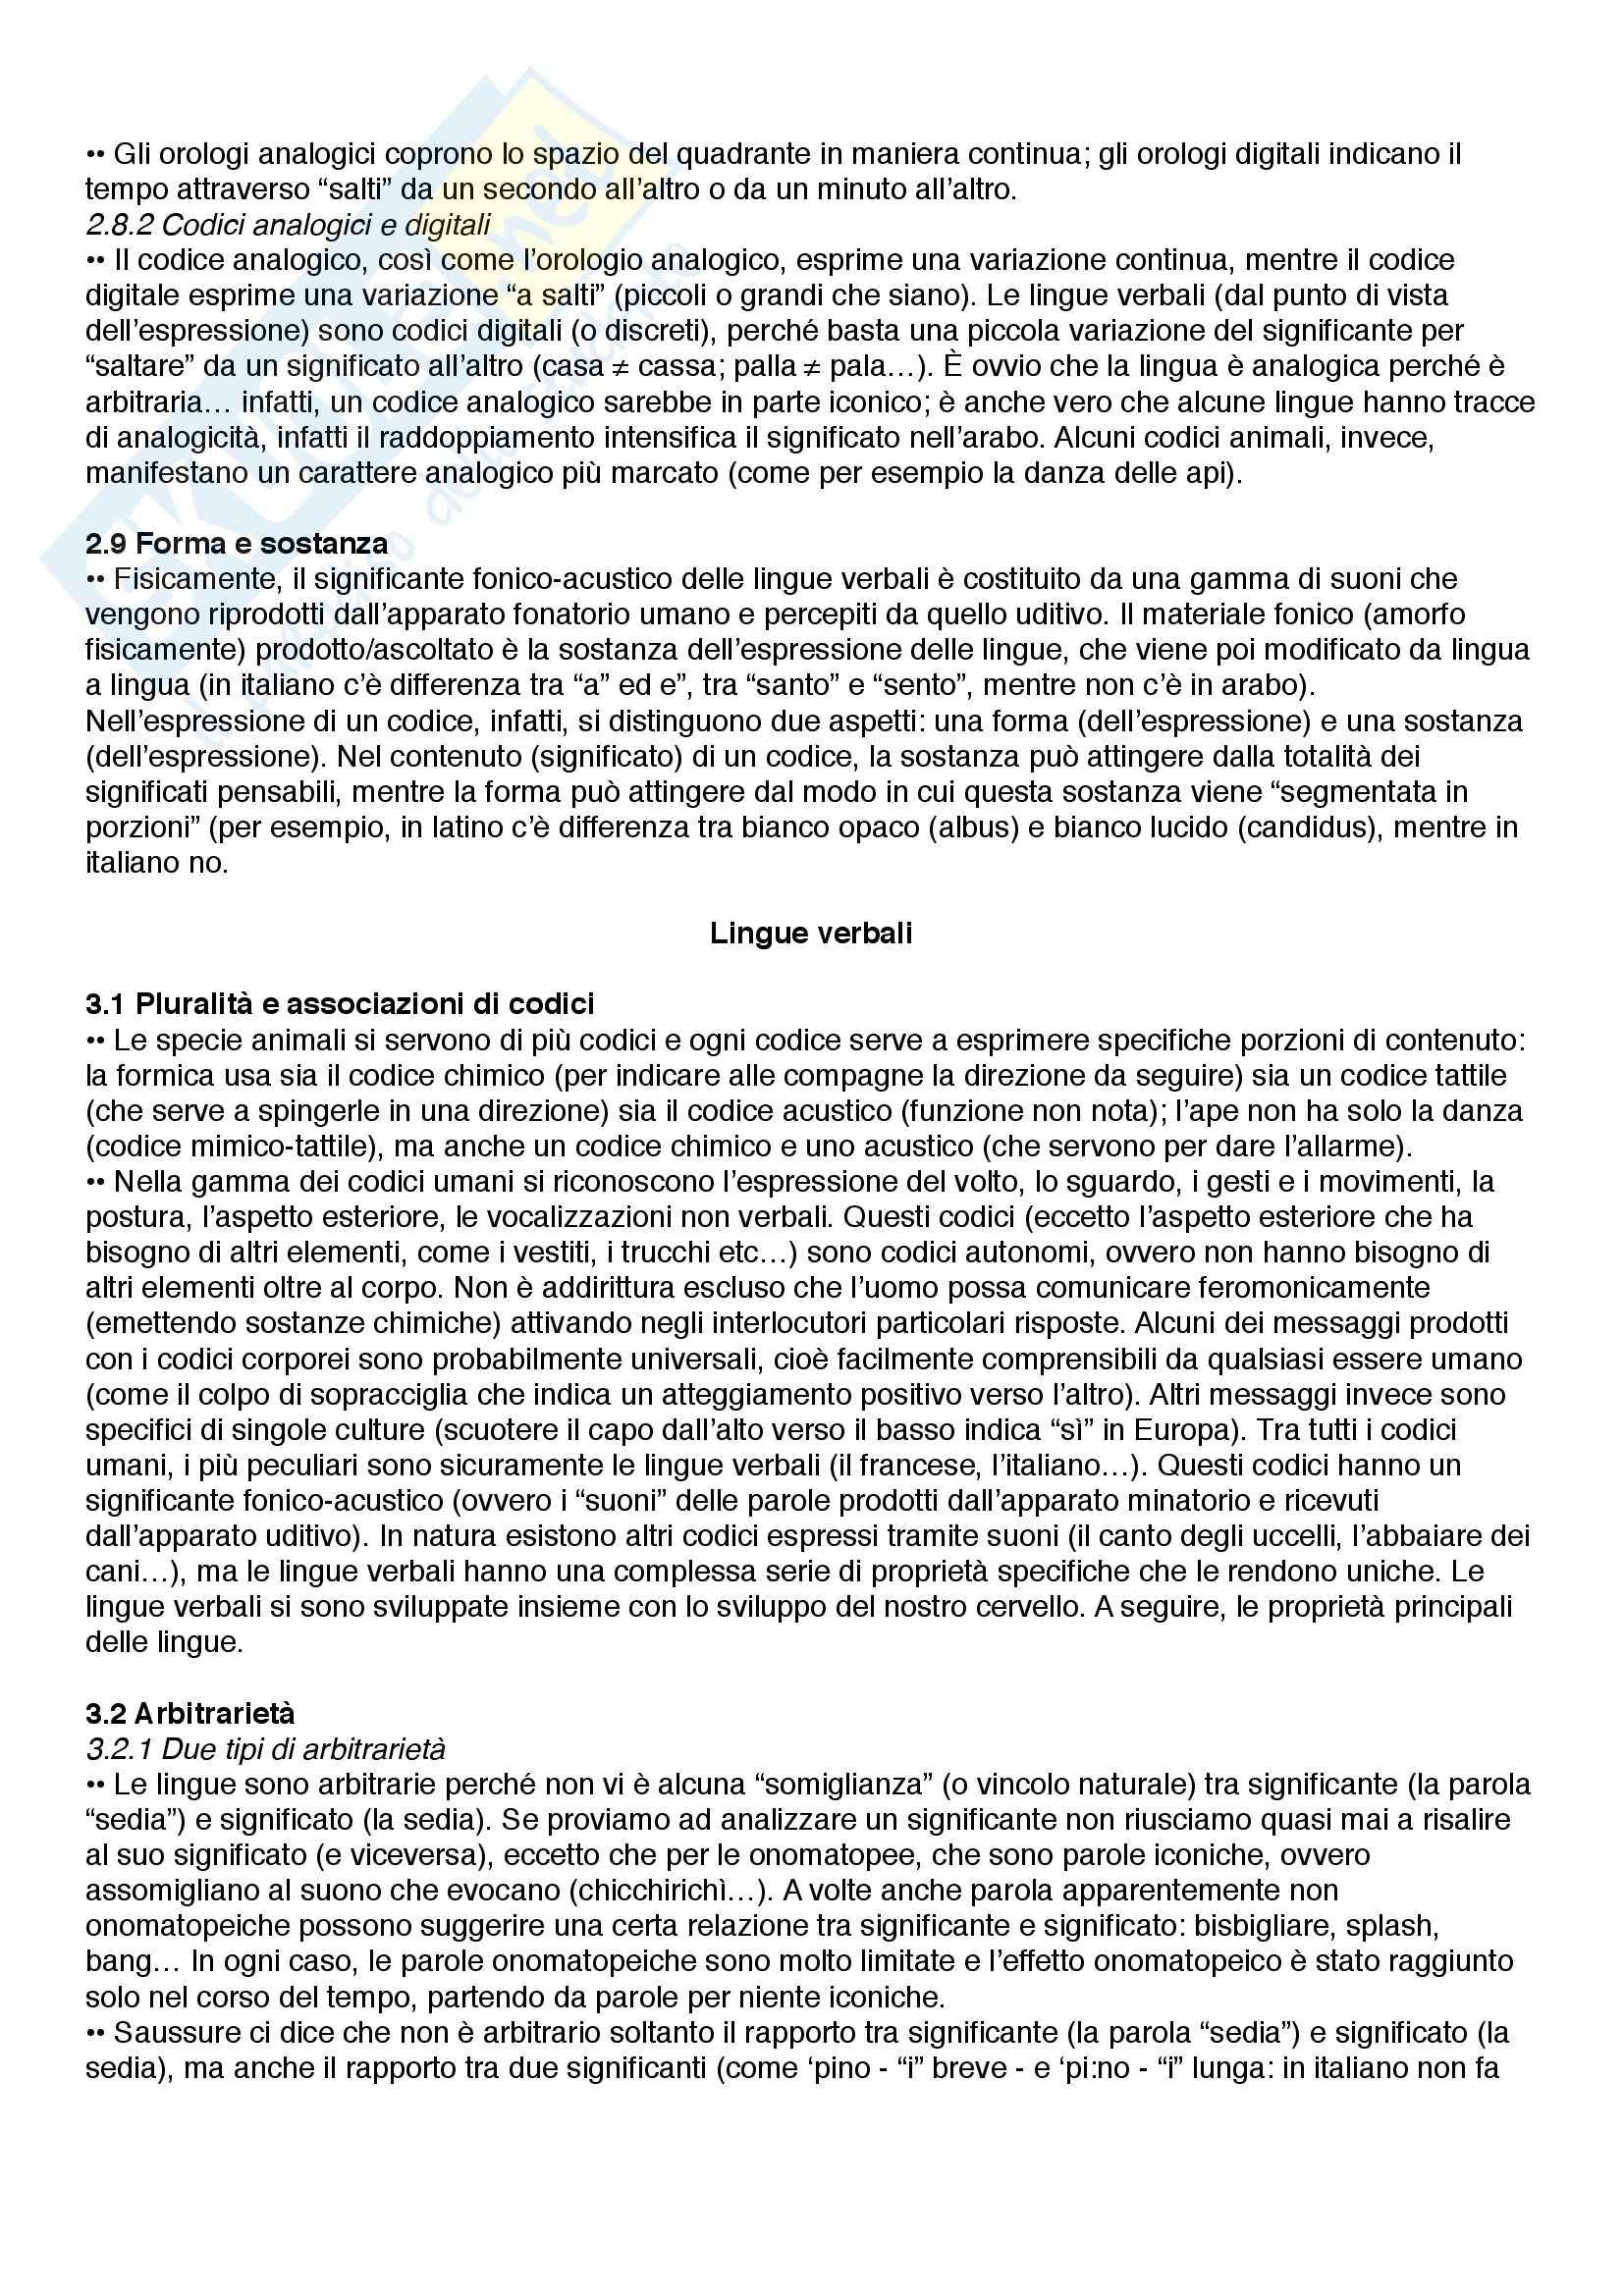 Riassunto esame Linguistica, prof. Catricalà, libro consigliato Nuovi fondamenti di linguistica, Simone Pag. 6